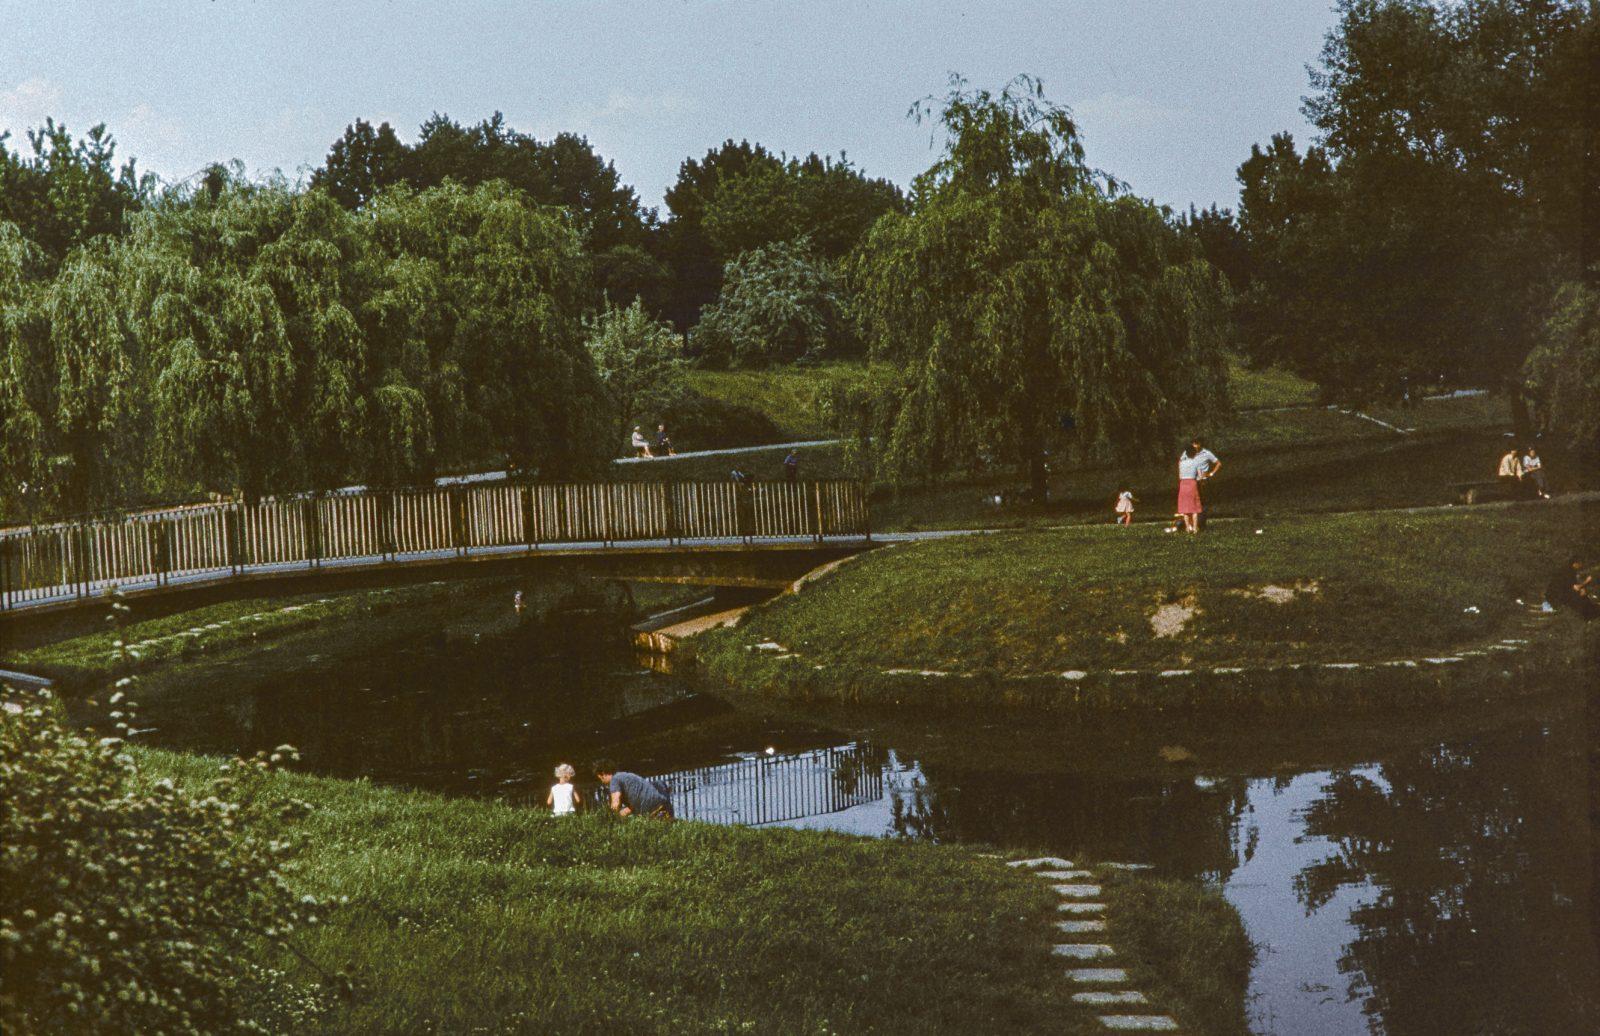 Tomasz Smoliński, view of the pond and the mound in the park. 1978, the author's collection. Społeczne Archiwum Warszawy, 168 021